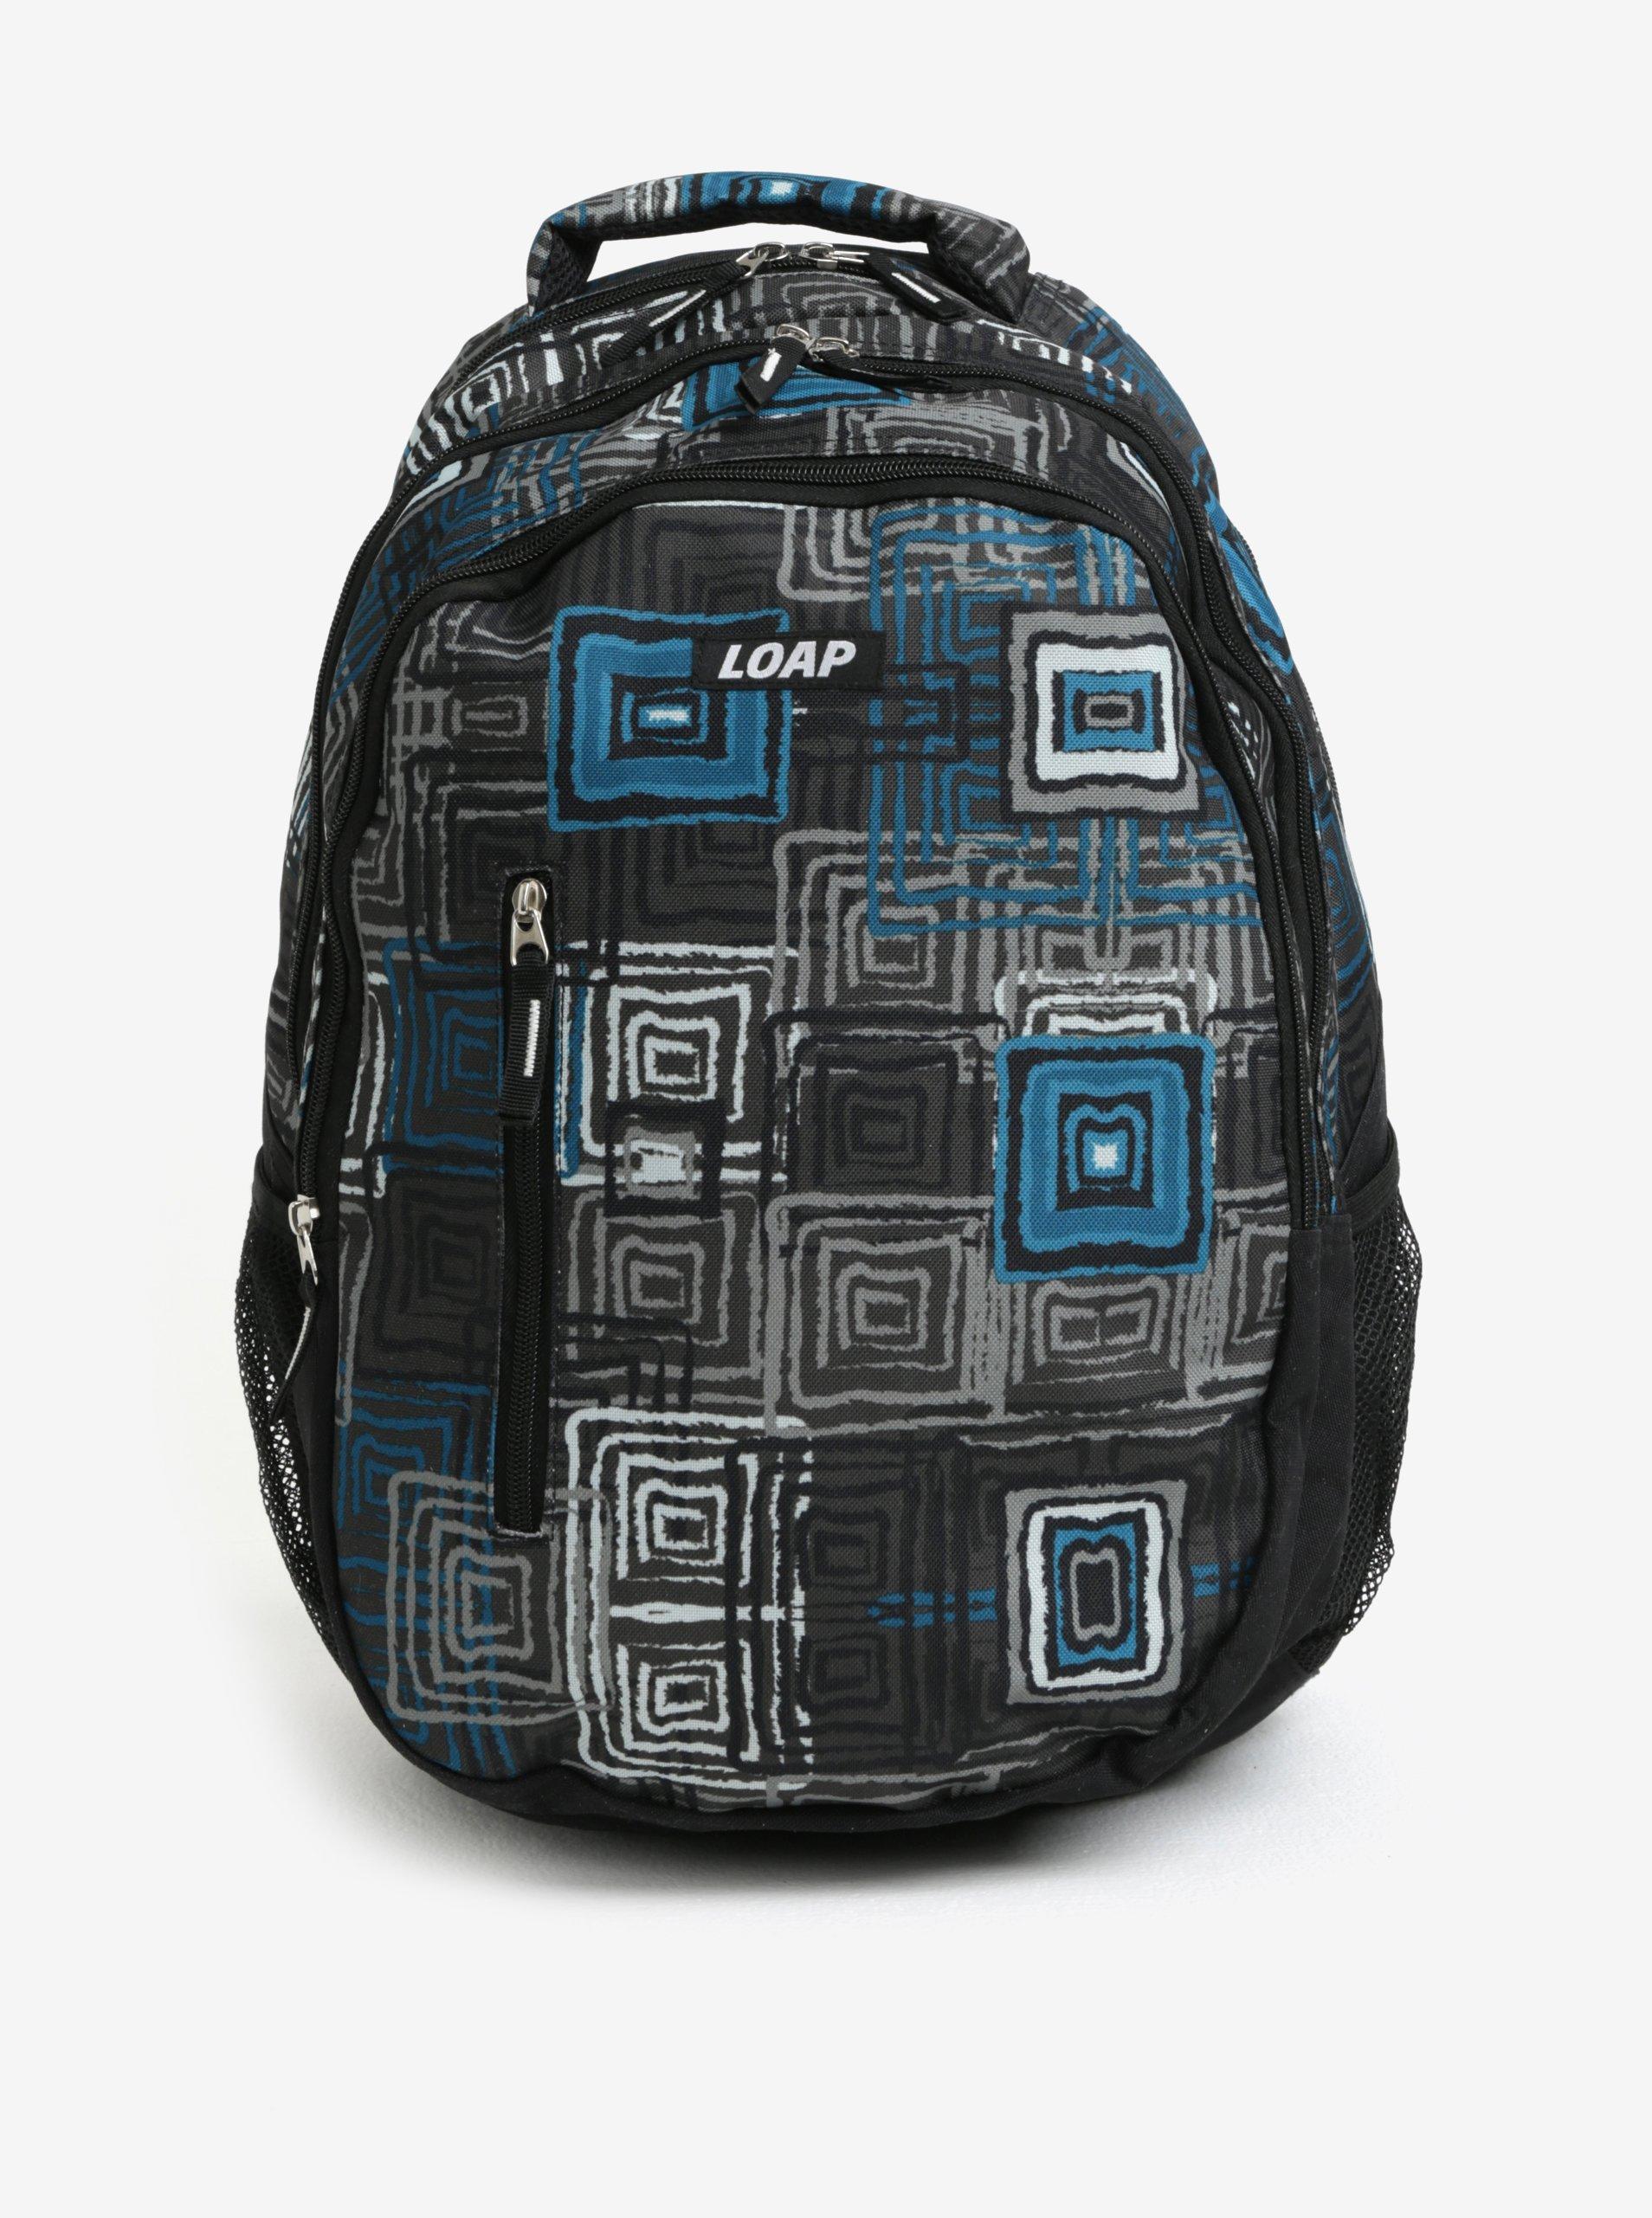 Čierno-modrý vzorovaný batoh LOAP Lian 20 l